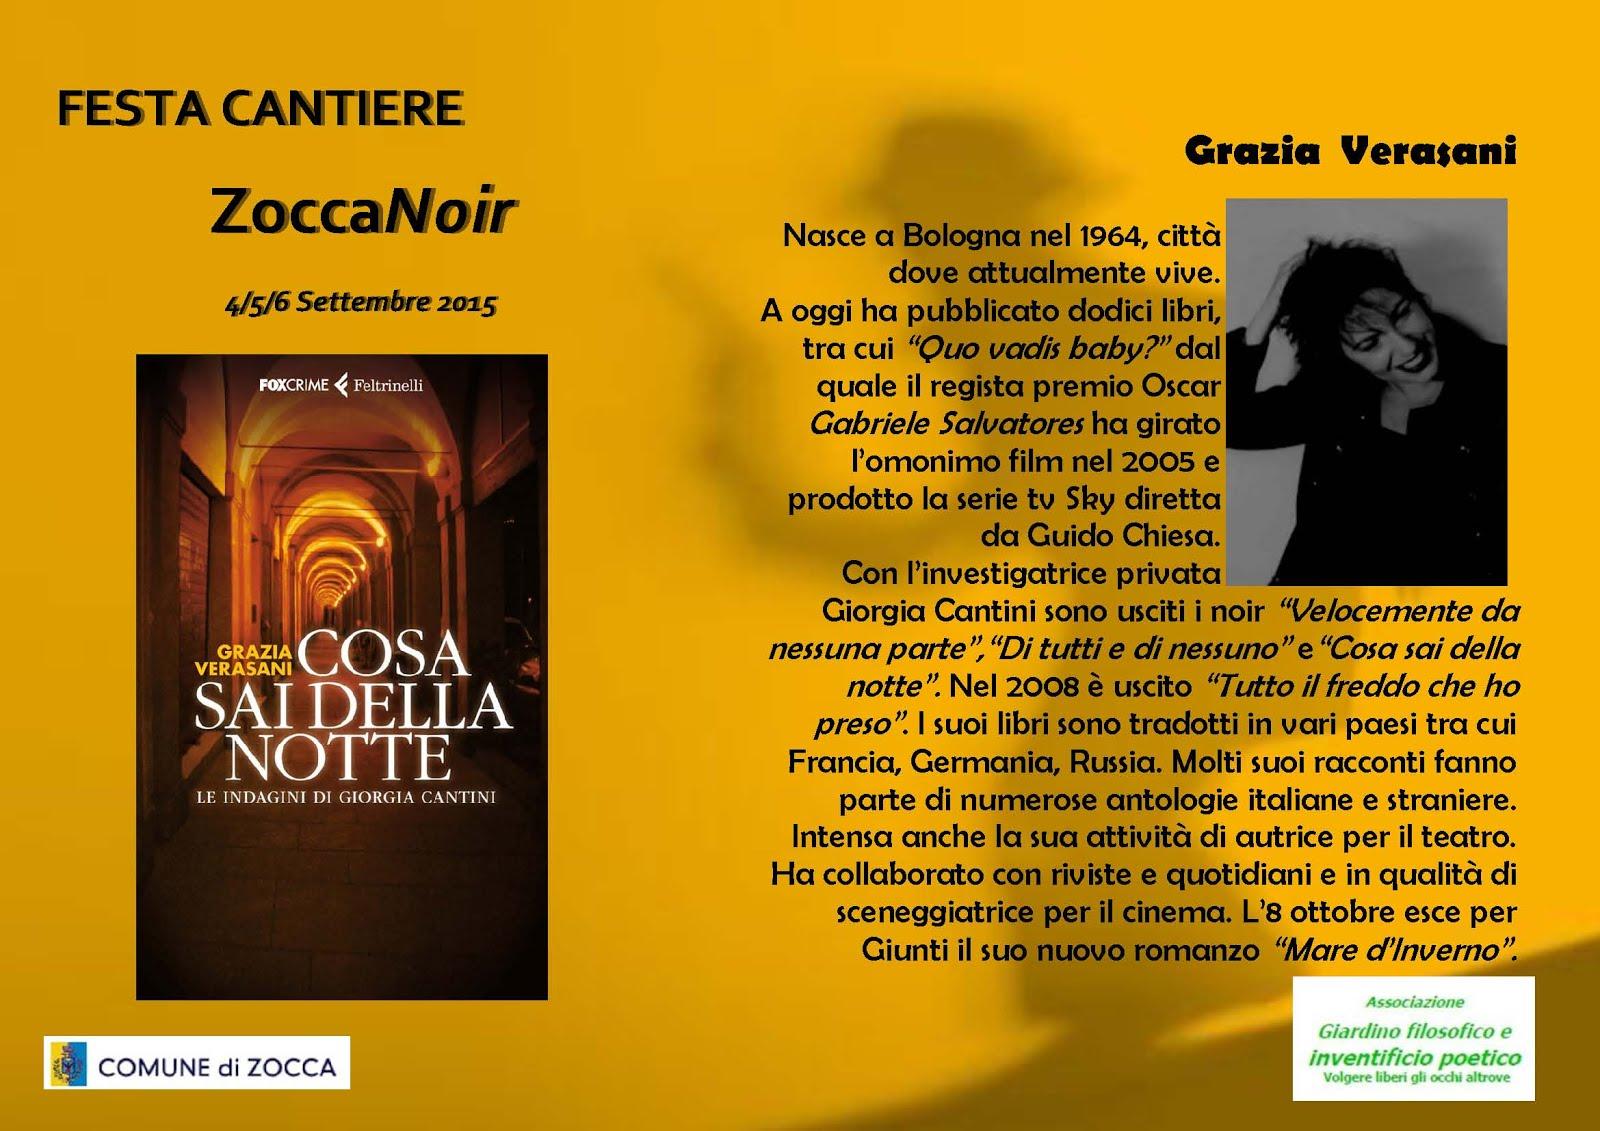 Biografia Grazia Verasani